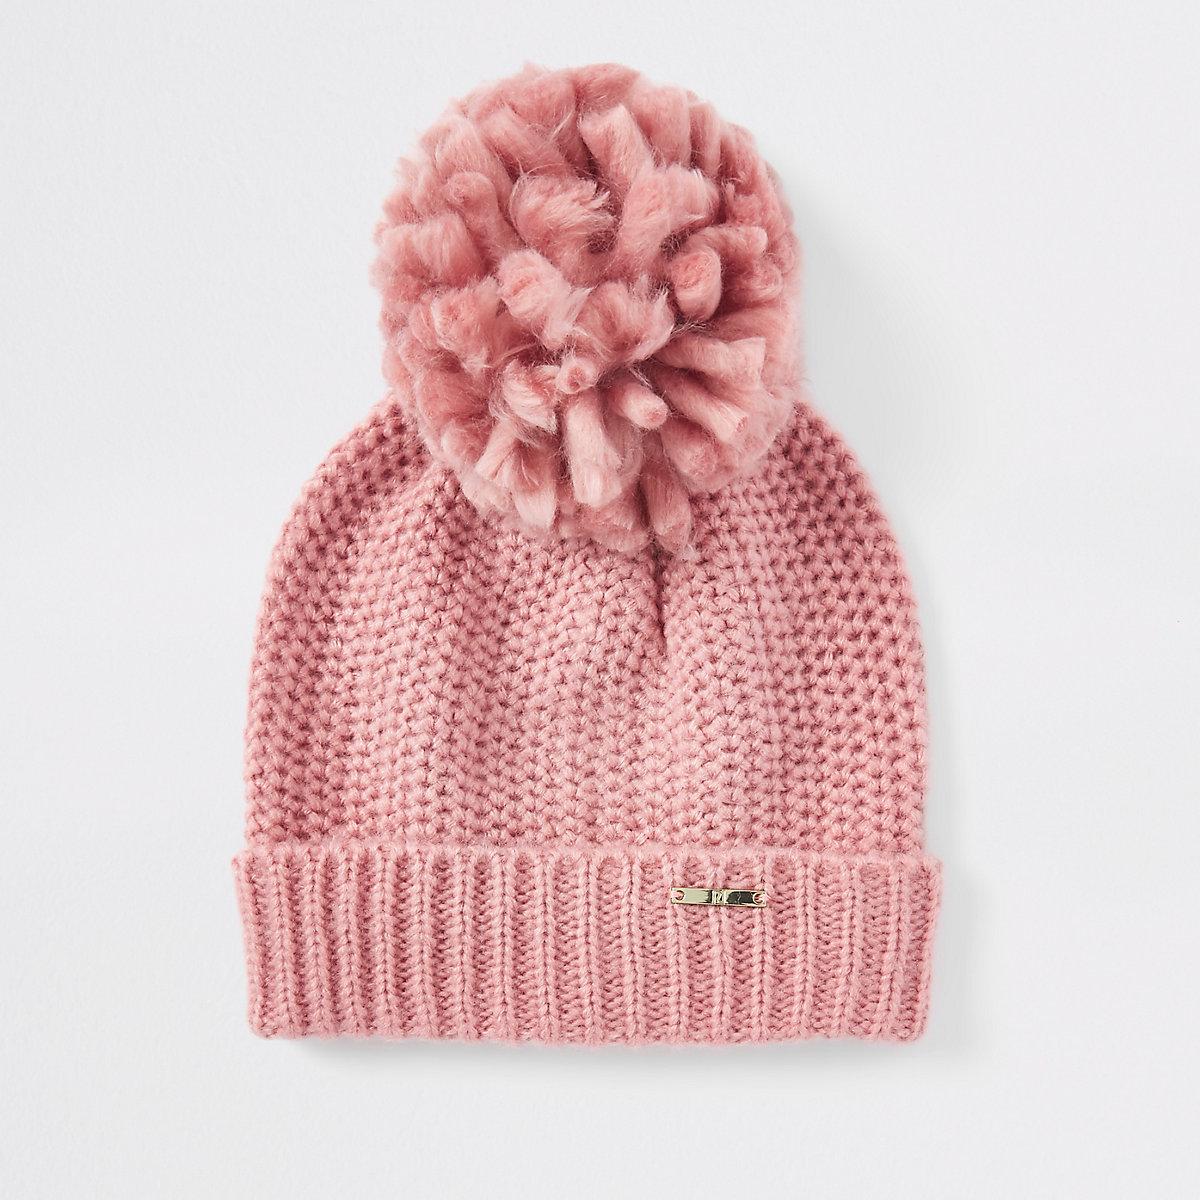 Pink turn-up hem knit beanie hat